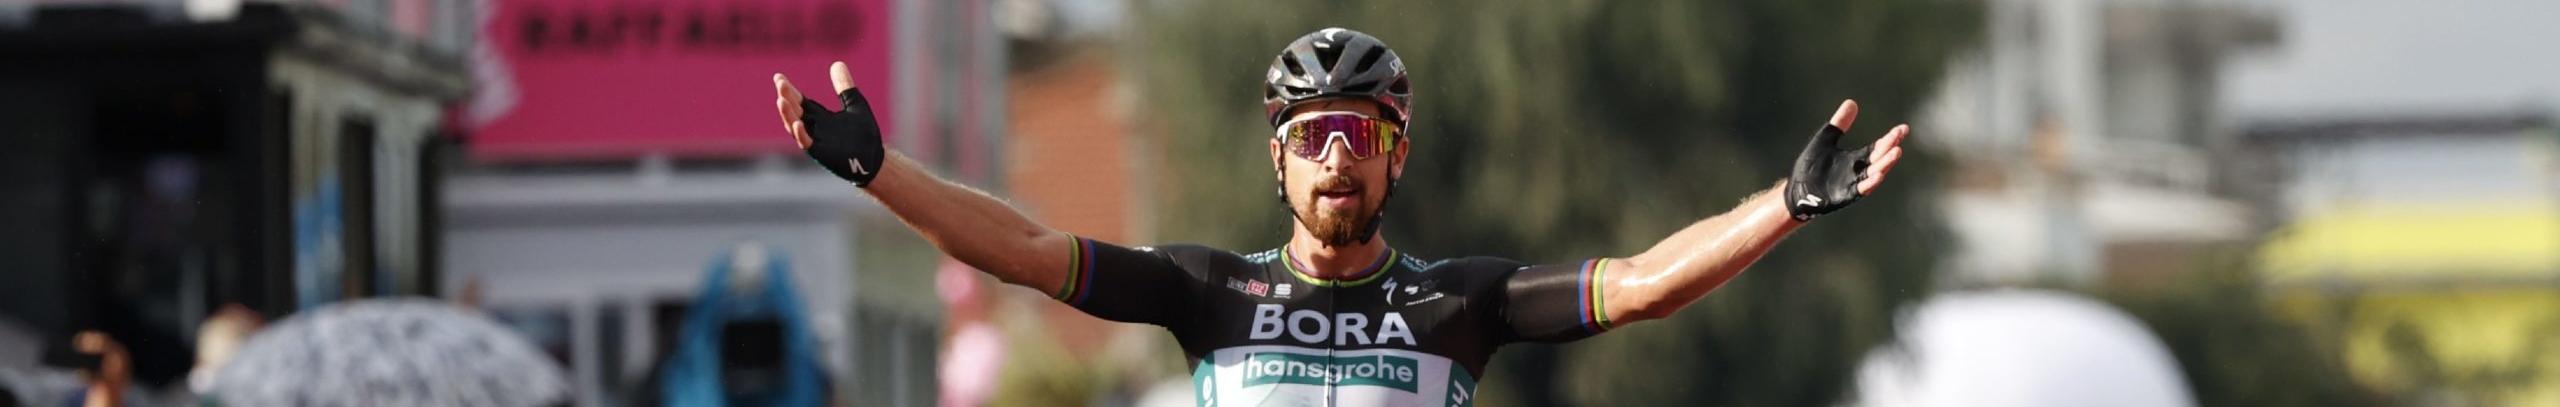 Giro d'Italia 2020, quote e favoriti per la tappa 11: favorito Démare, ma Sagan è tornato